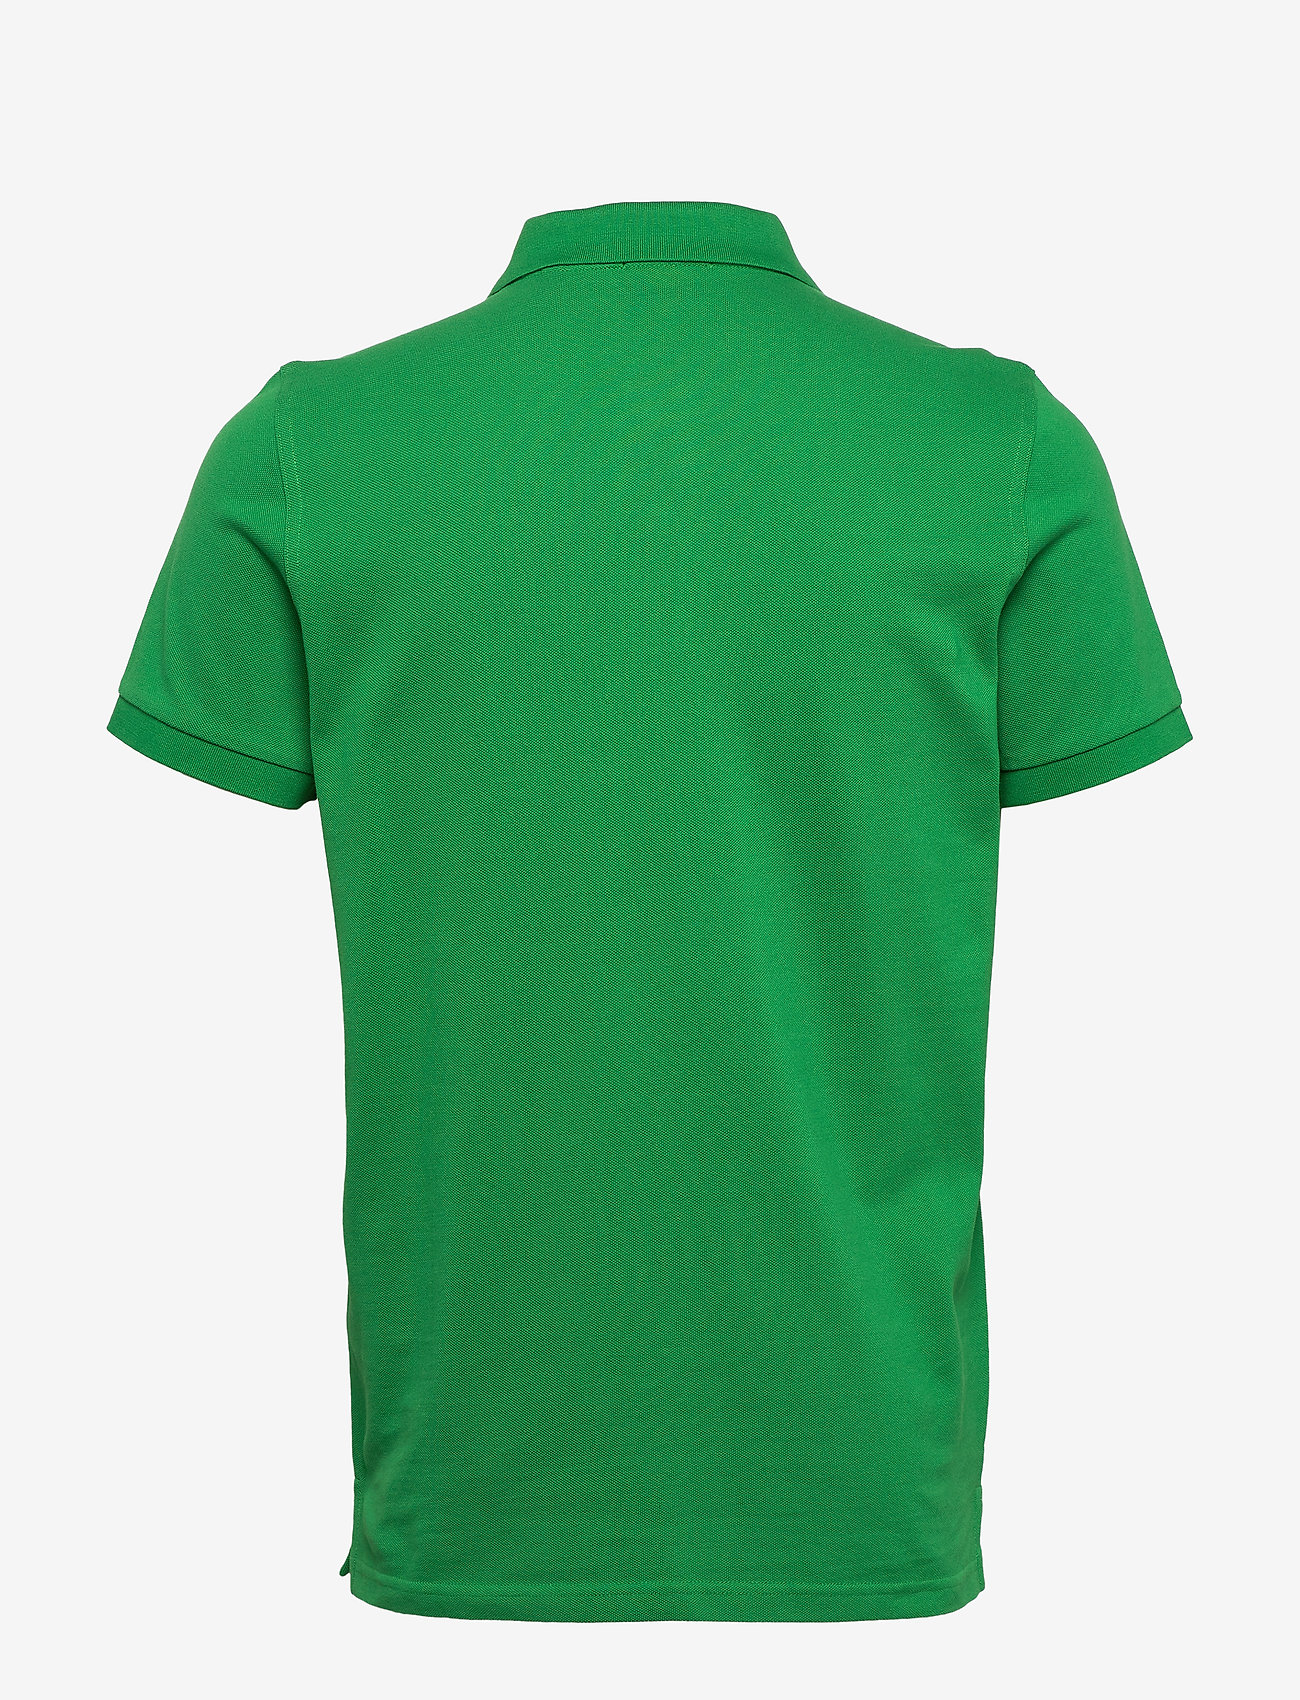 GANT - ORIGINAL PIQUE SS RUGGER - short-sleeved polos - amazon green - 1